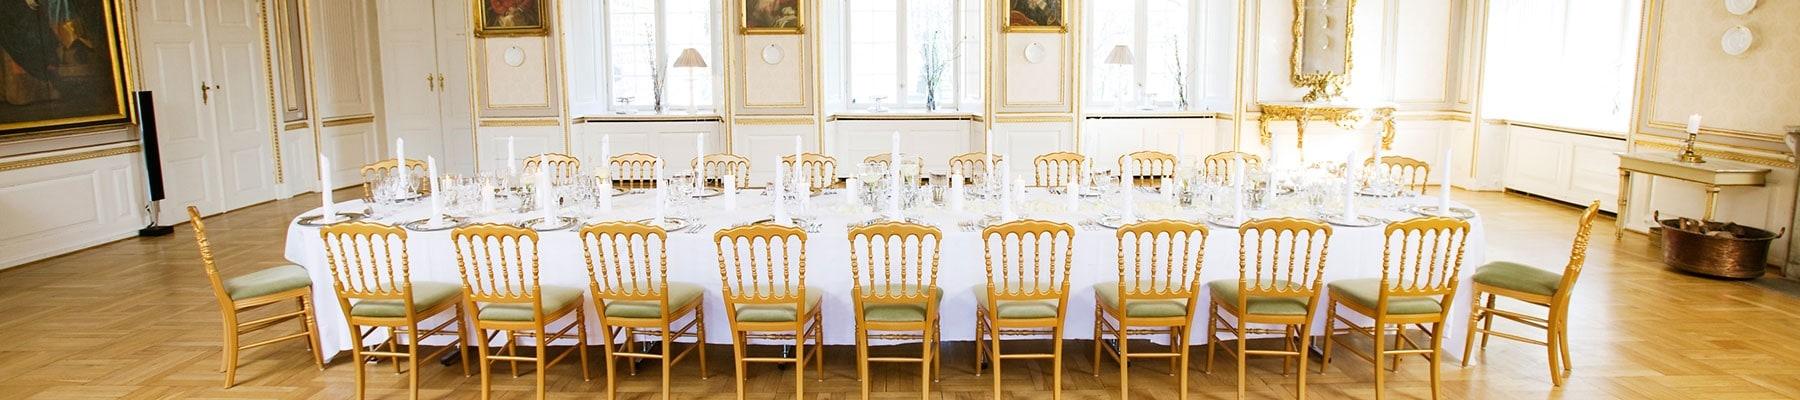 Konference og messe lokaler på Holckenhavn Slot